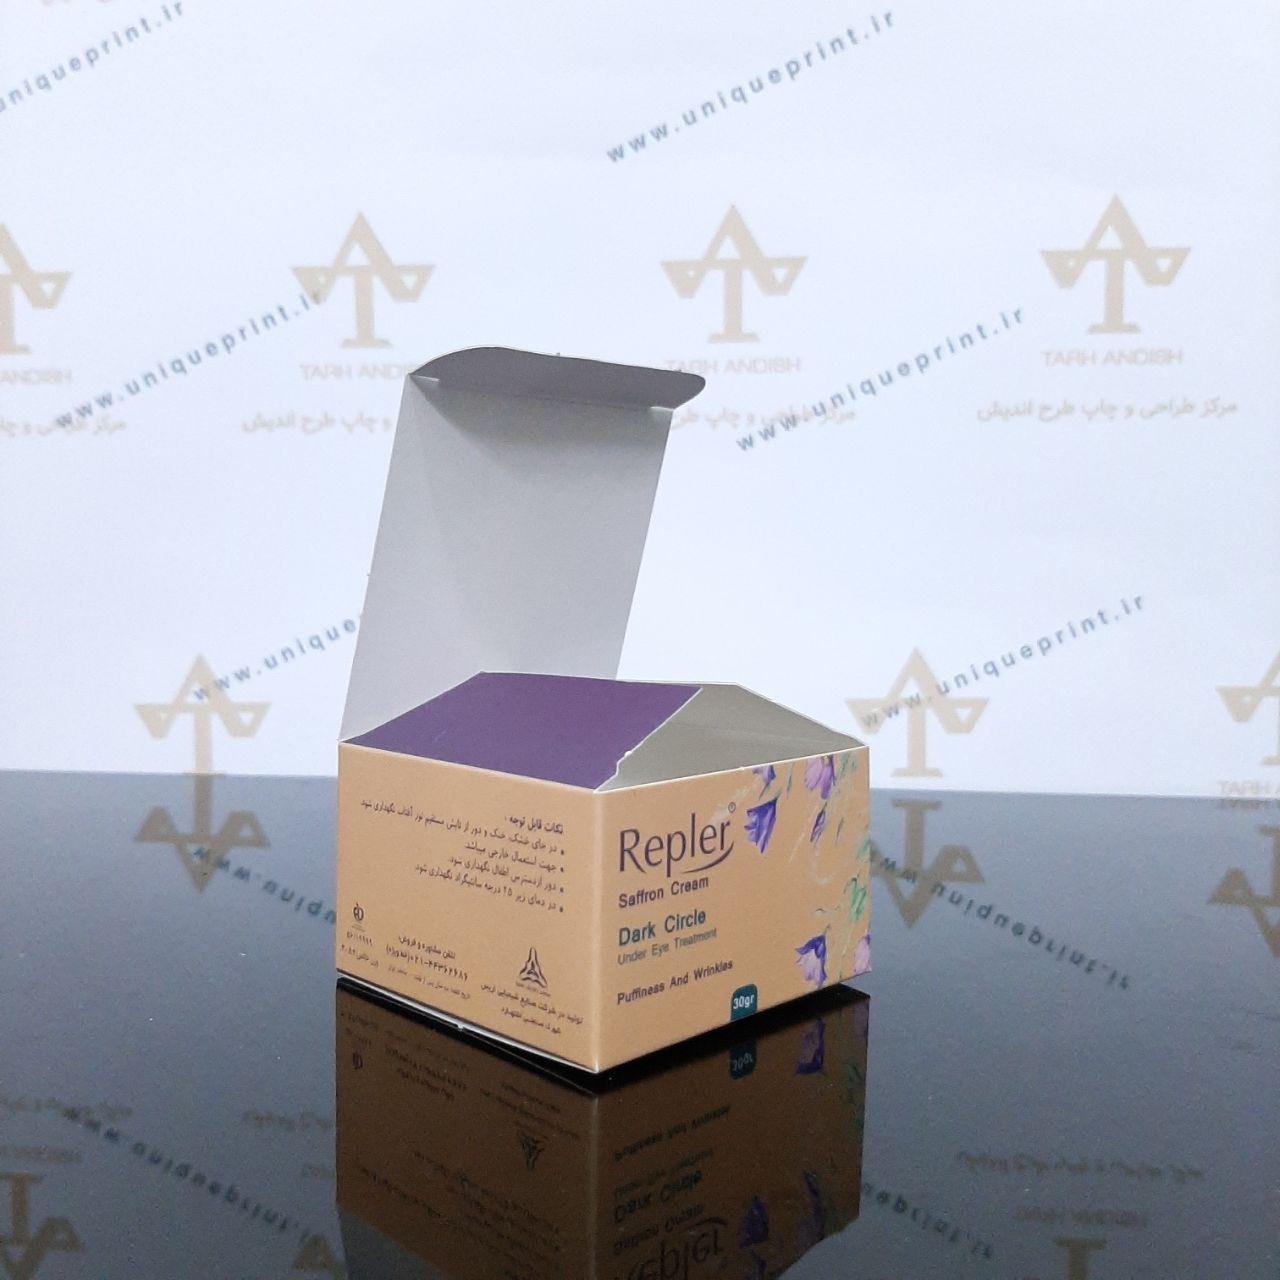 نمونه چاپ جعبه و بسته بندی